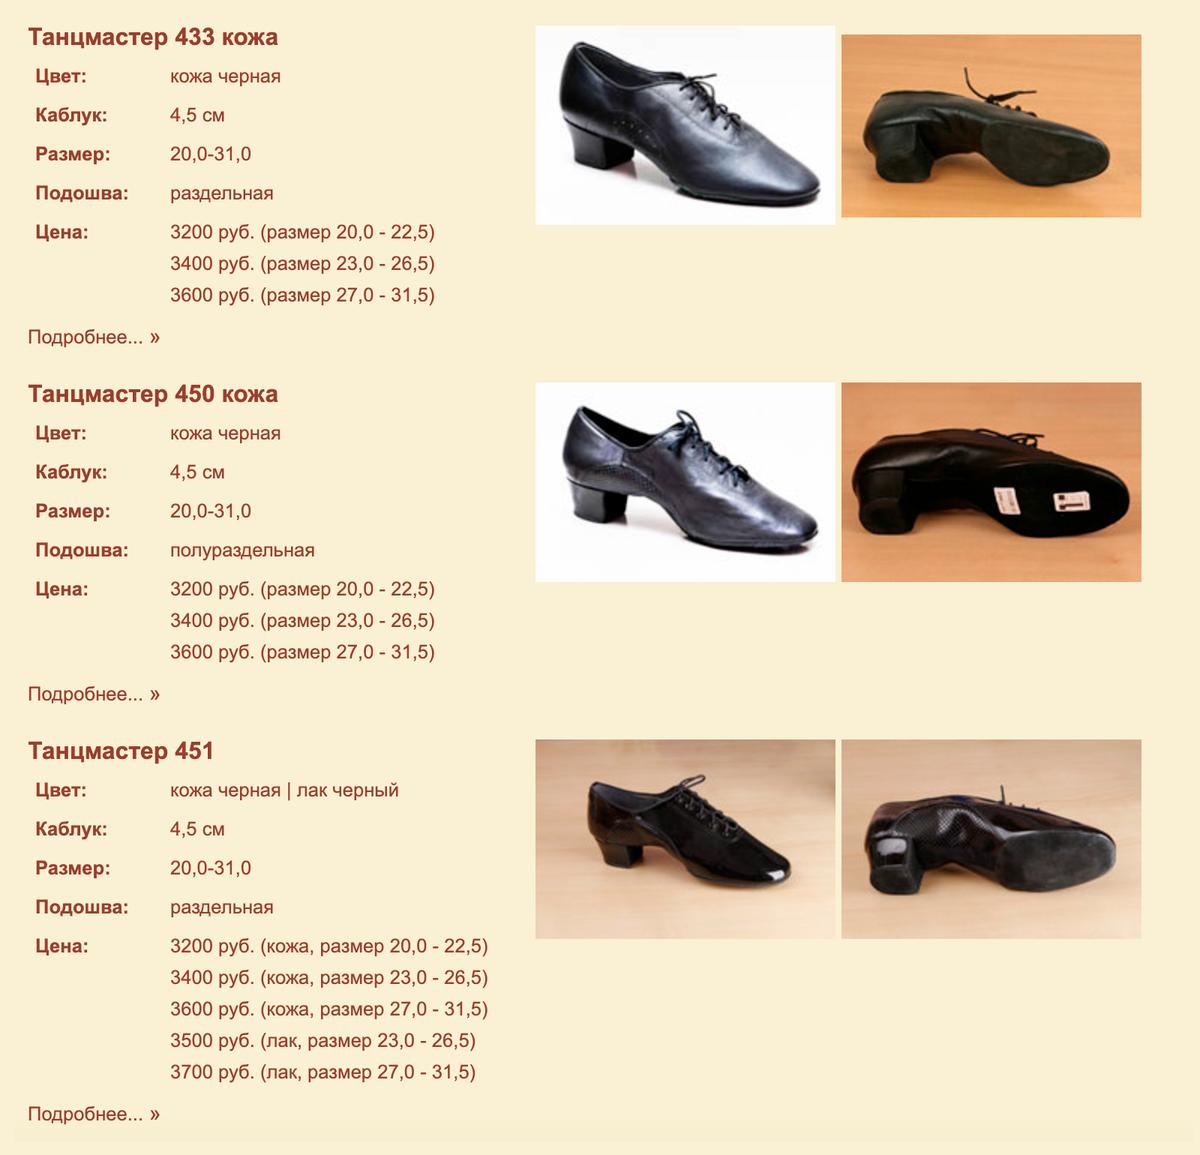 Мужская латина. Для танцев очень важна обувь по ноге, поэтому для каждой пары прописана длина стопы. Например, моему 42 размеру соответствуют 27,5 см